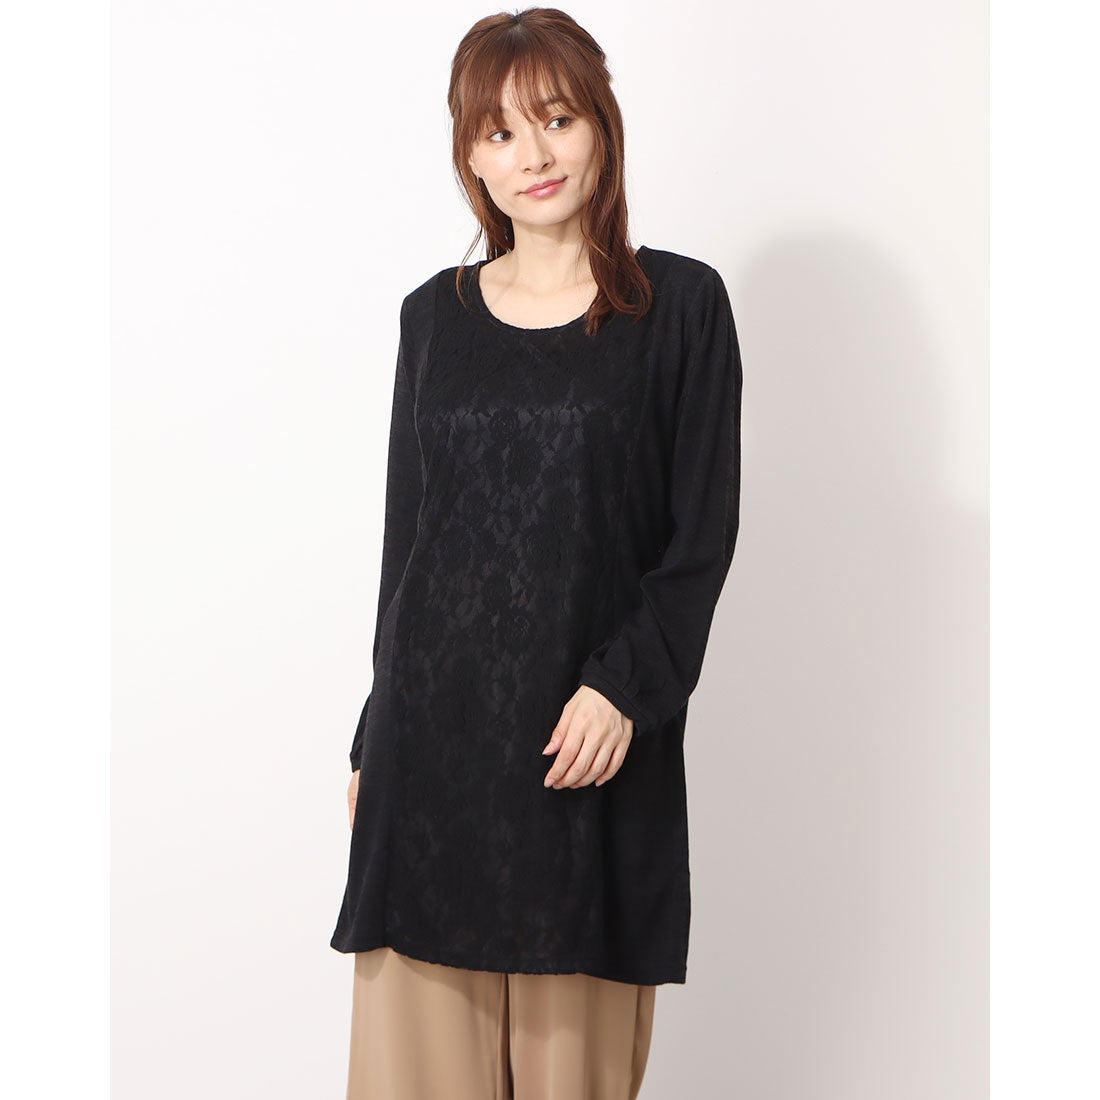 ロコンド 靴とファッションの通販サイトプロバドール Provador スタイルアップレース切替起毛チュニック (ブラック)